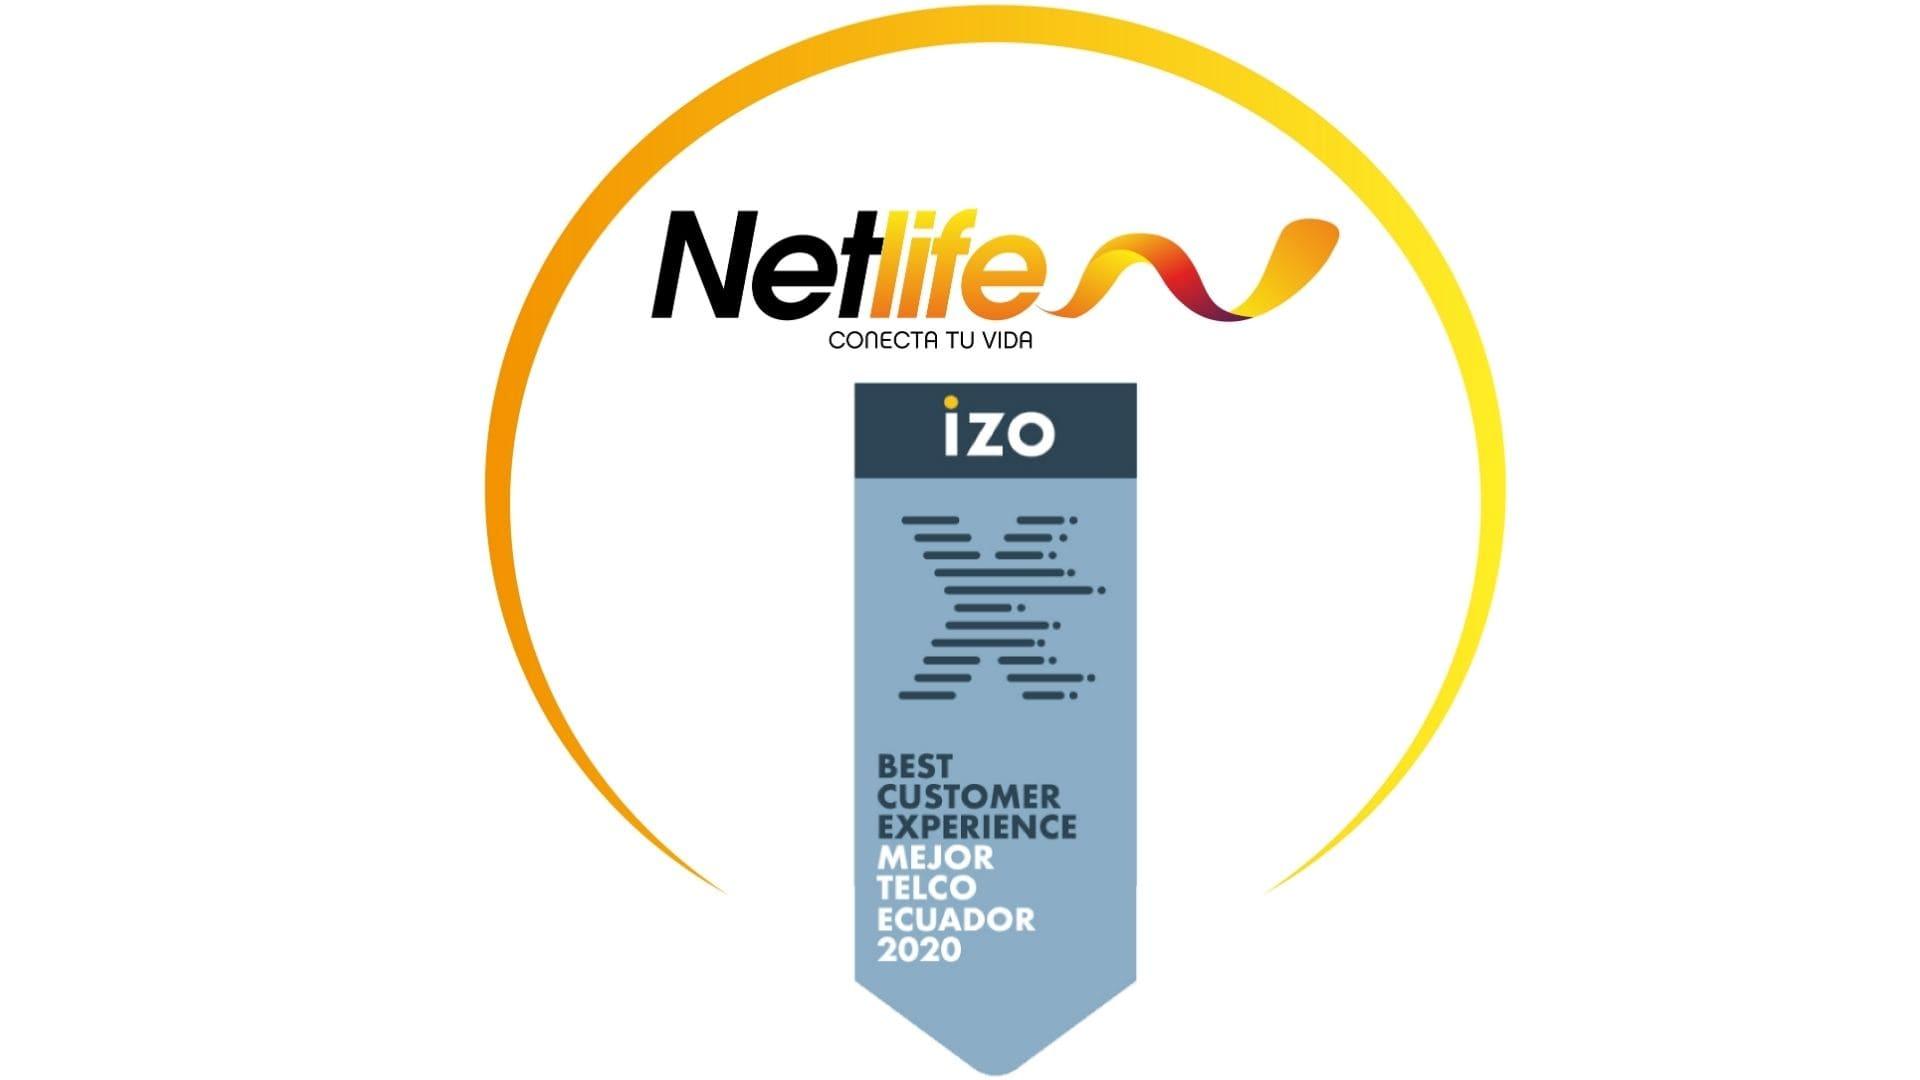 Netlife se destaca entre las Telcos del país al ofrecer la mejor experiencia del cliente